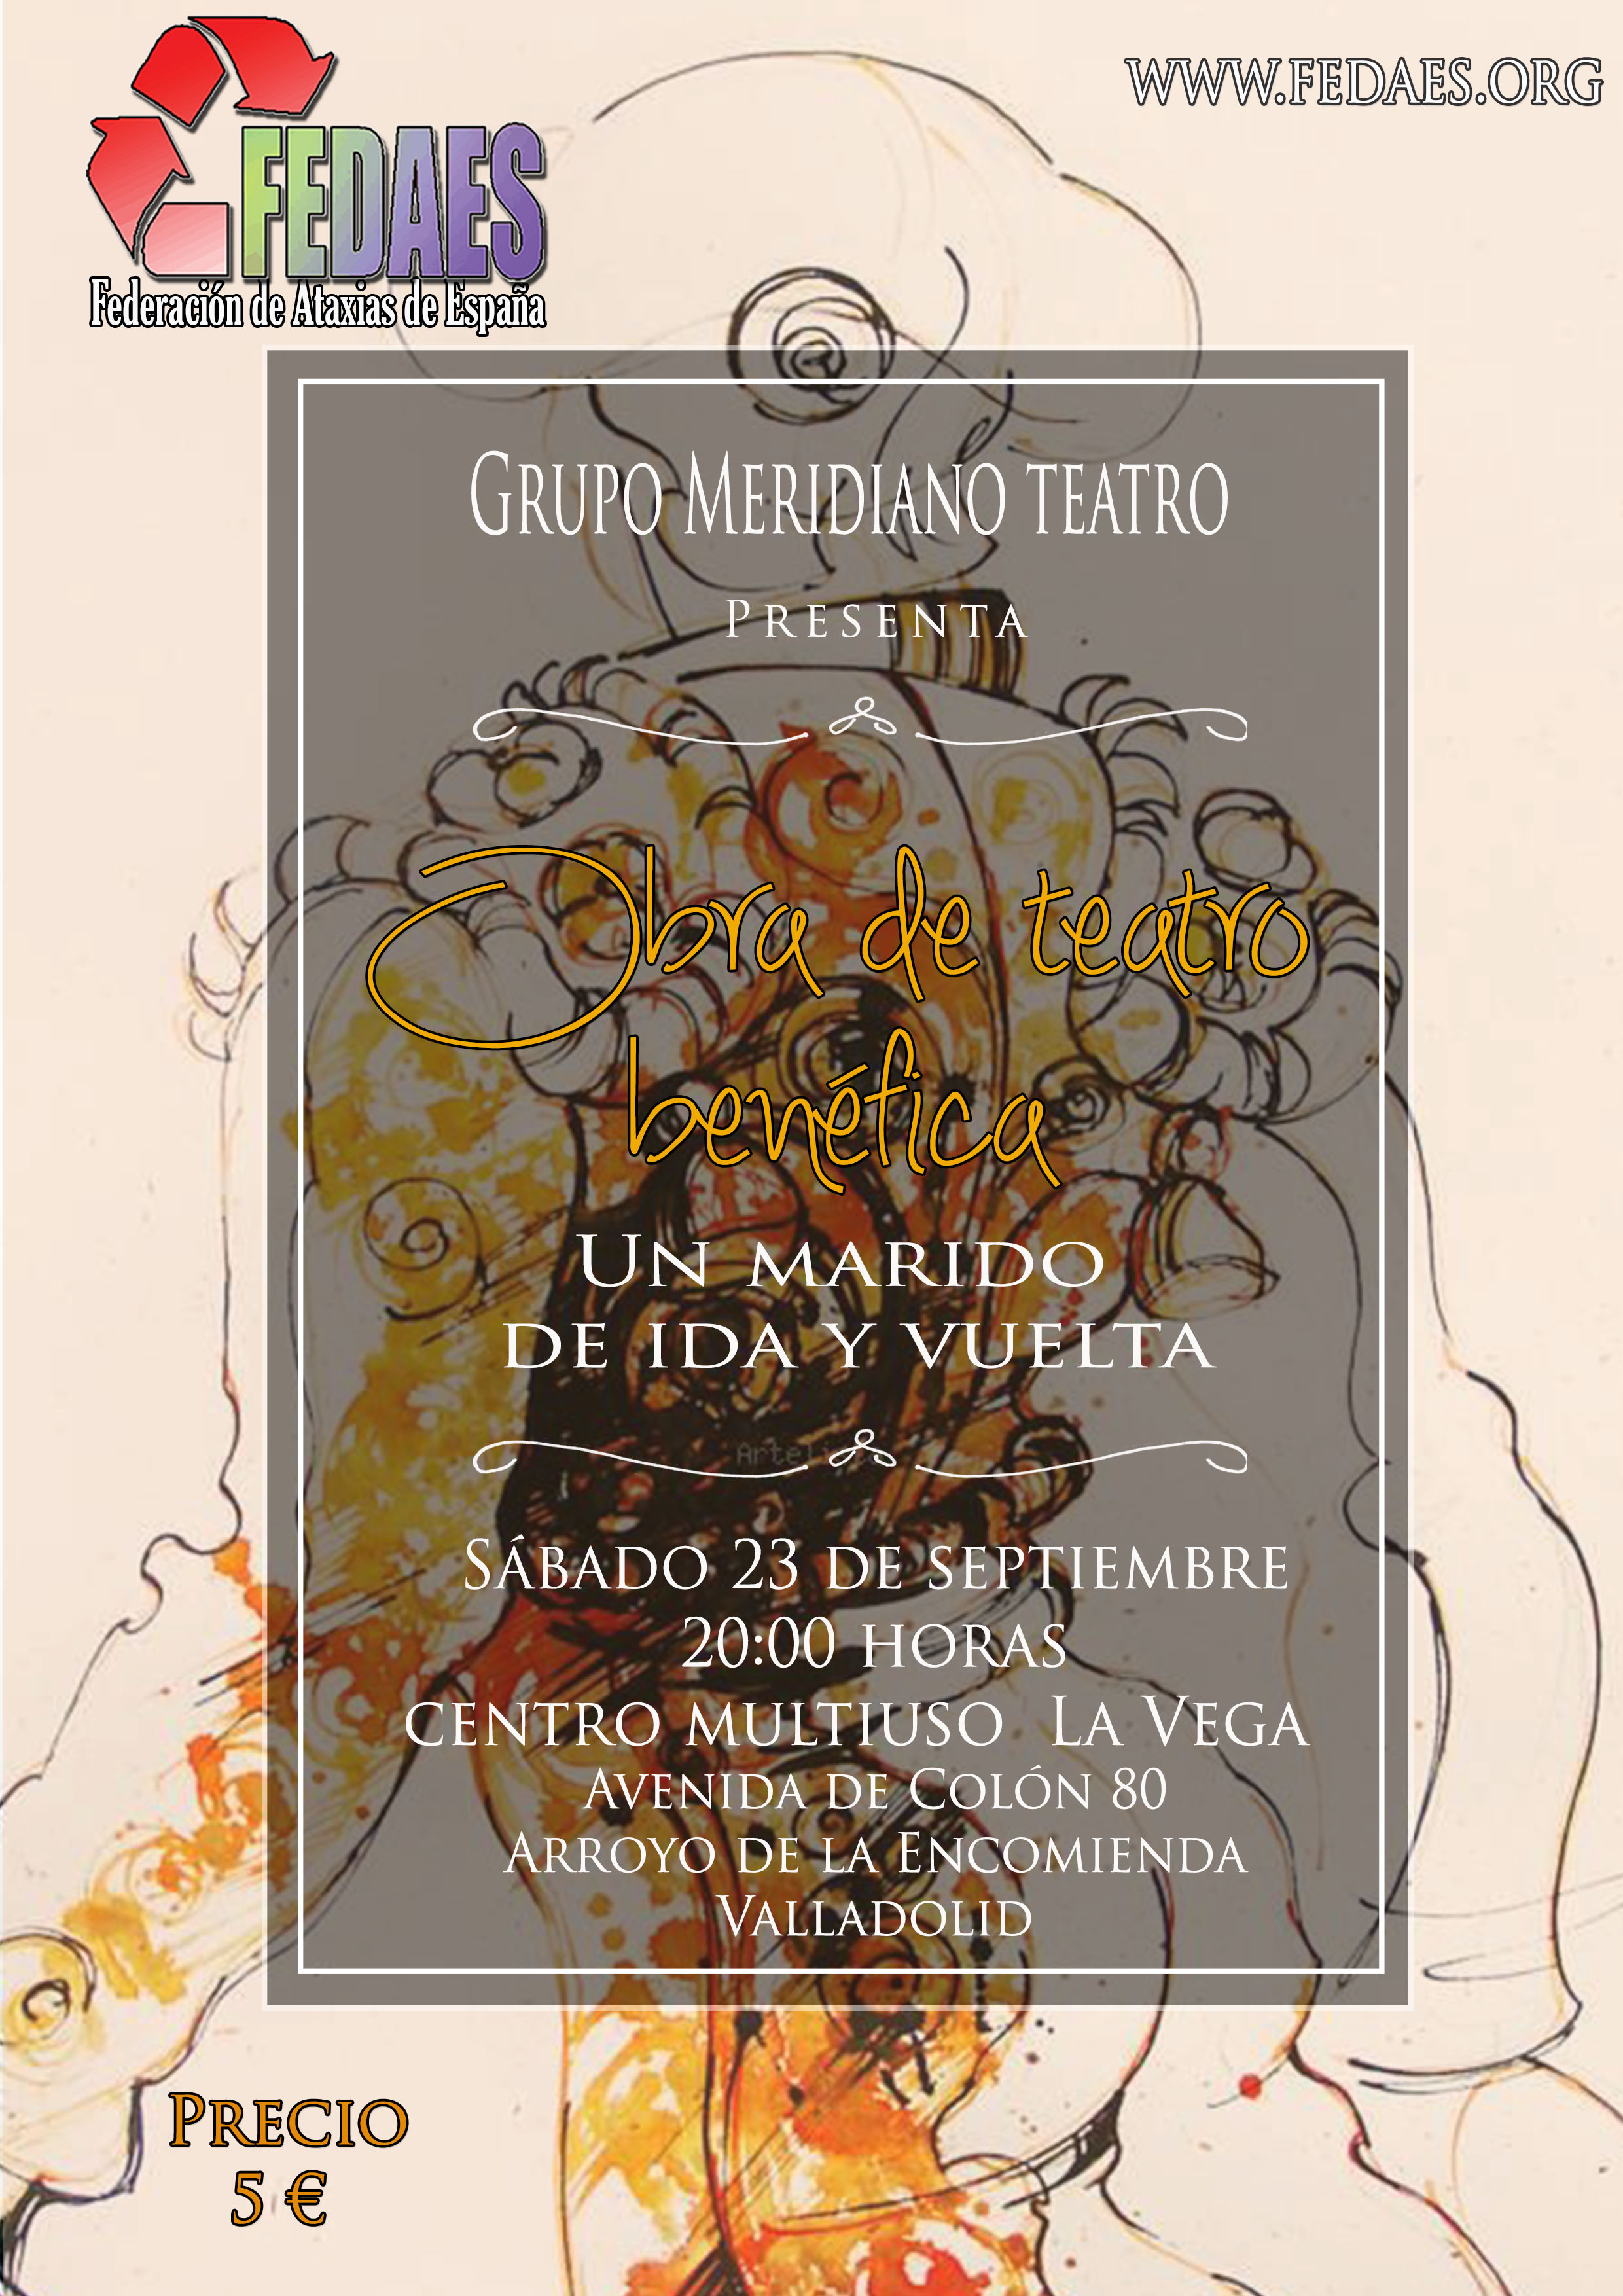 Obra de teatro y concierto benéfico